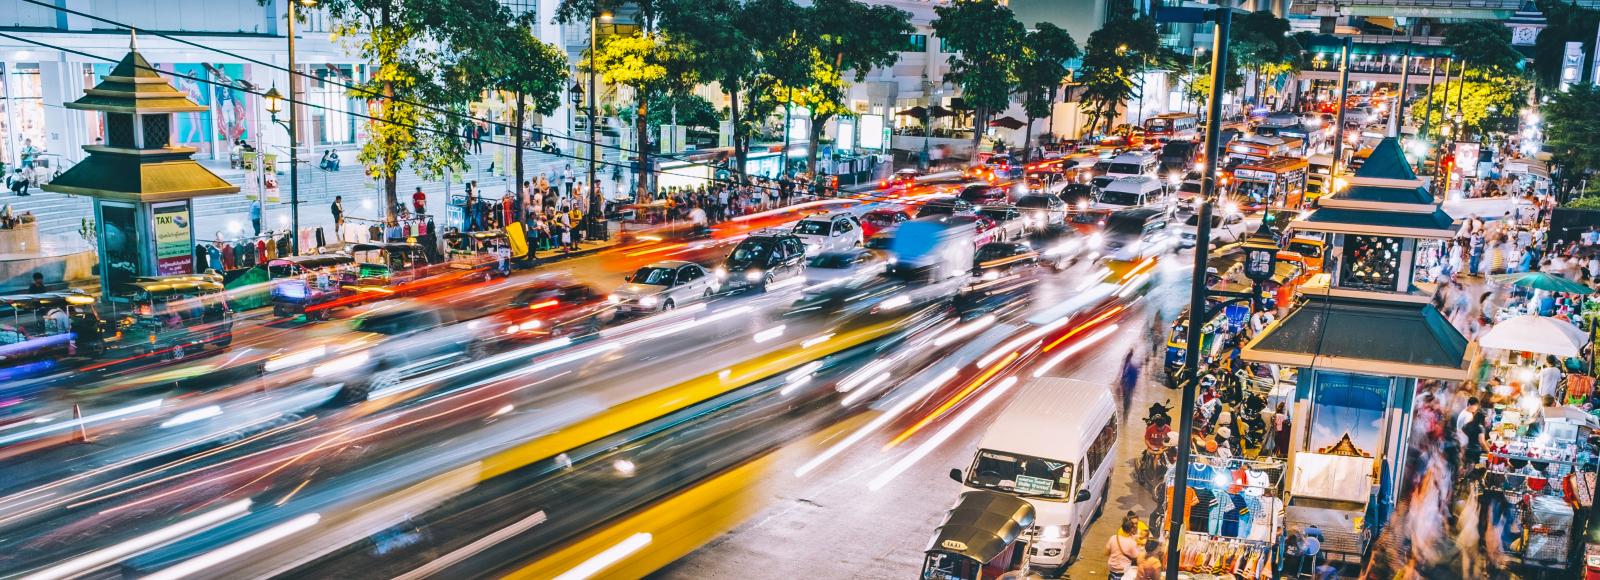 21b4a02d45990d Bangkok Shopping: Tipps für Shopaholics & Sparfüchse | checkfelix